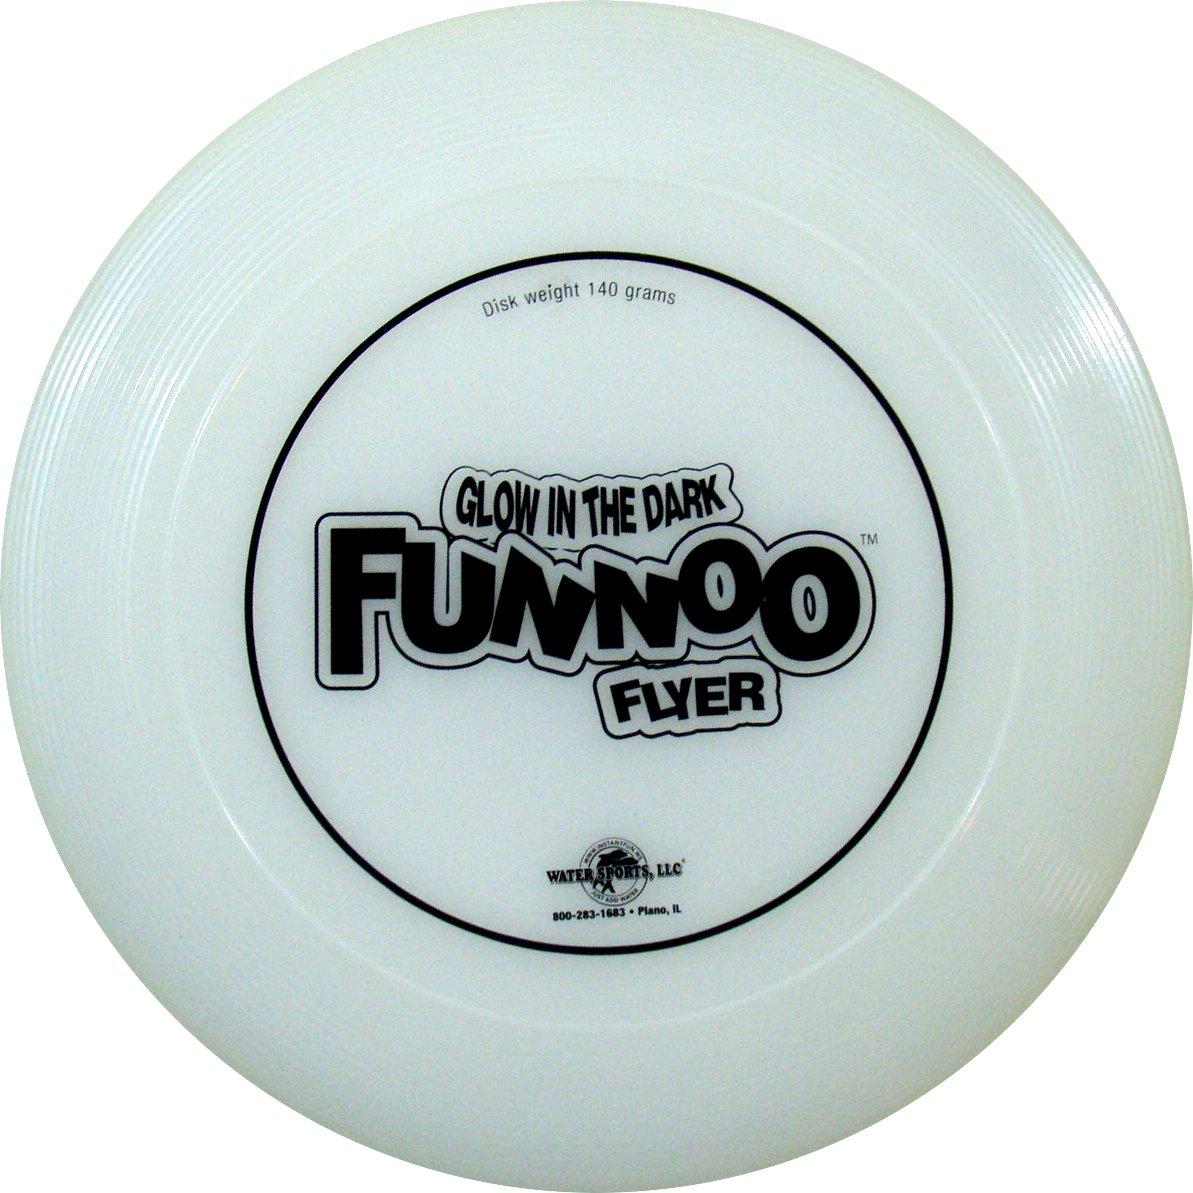 Water Sports Glow FUNNOO Flyer Glow in Dark Flying Disc 140 Gram Disk